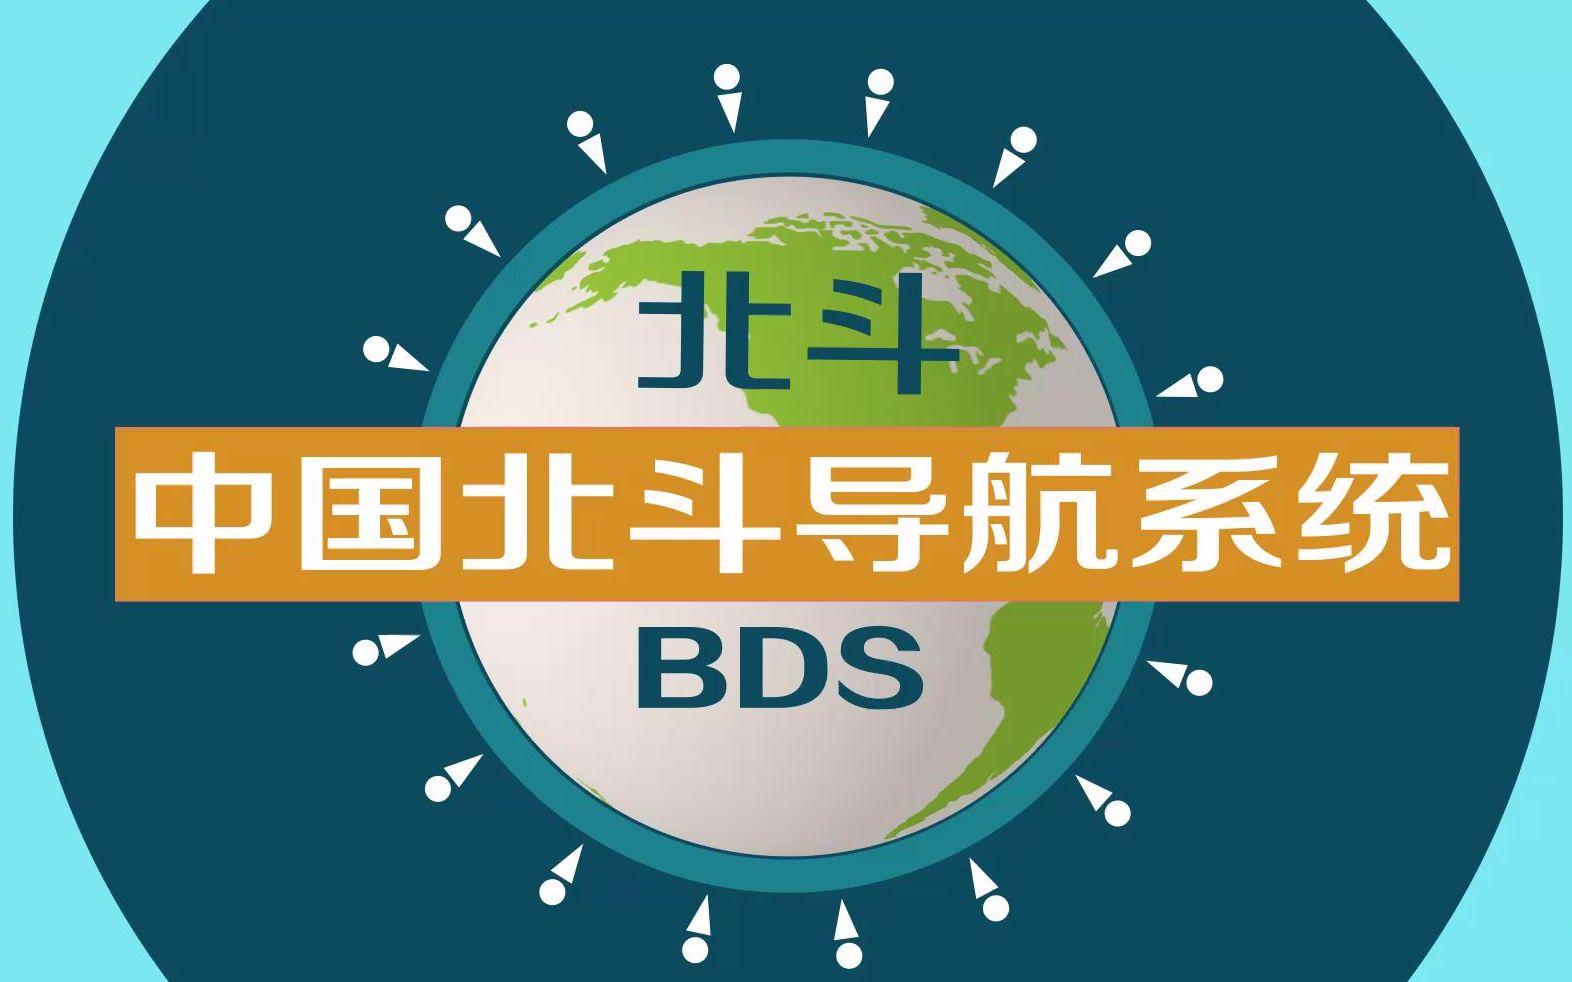 2003年中国大事件